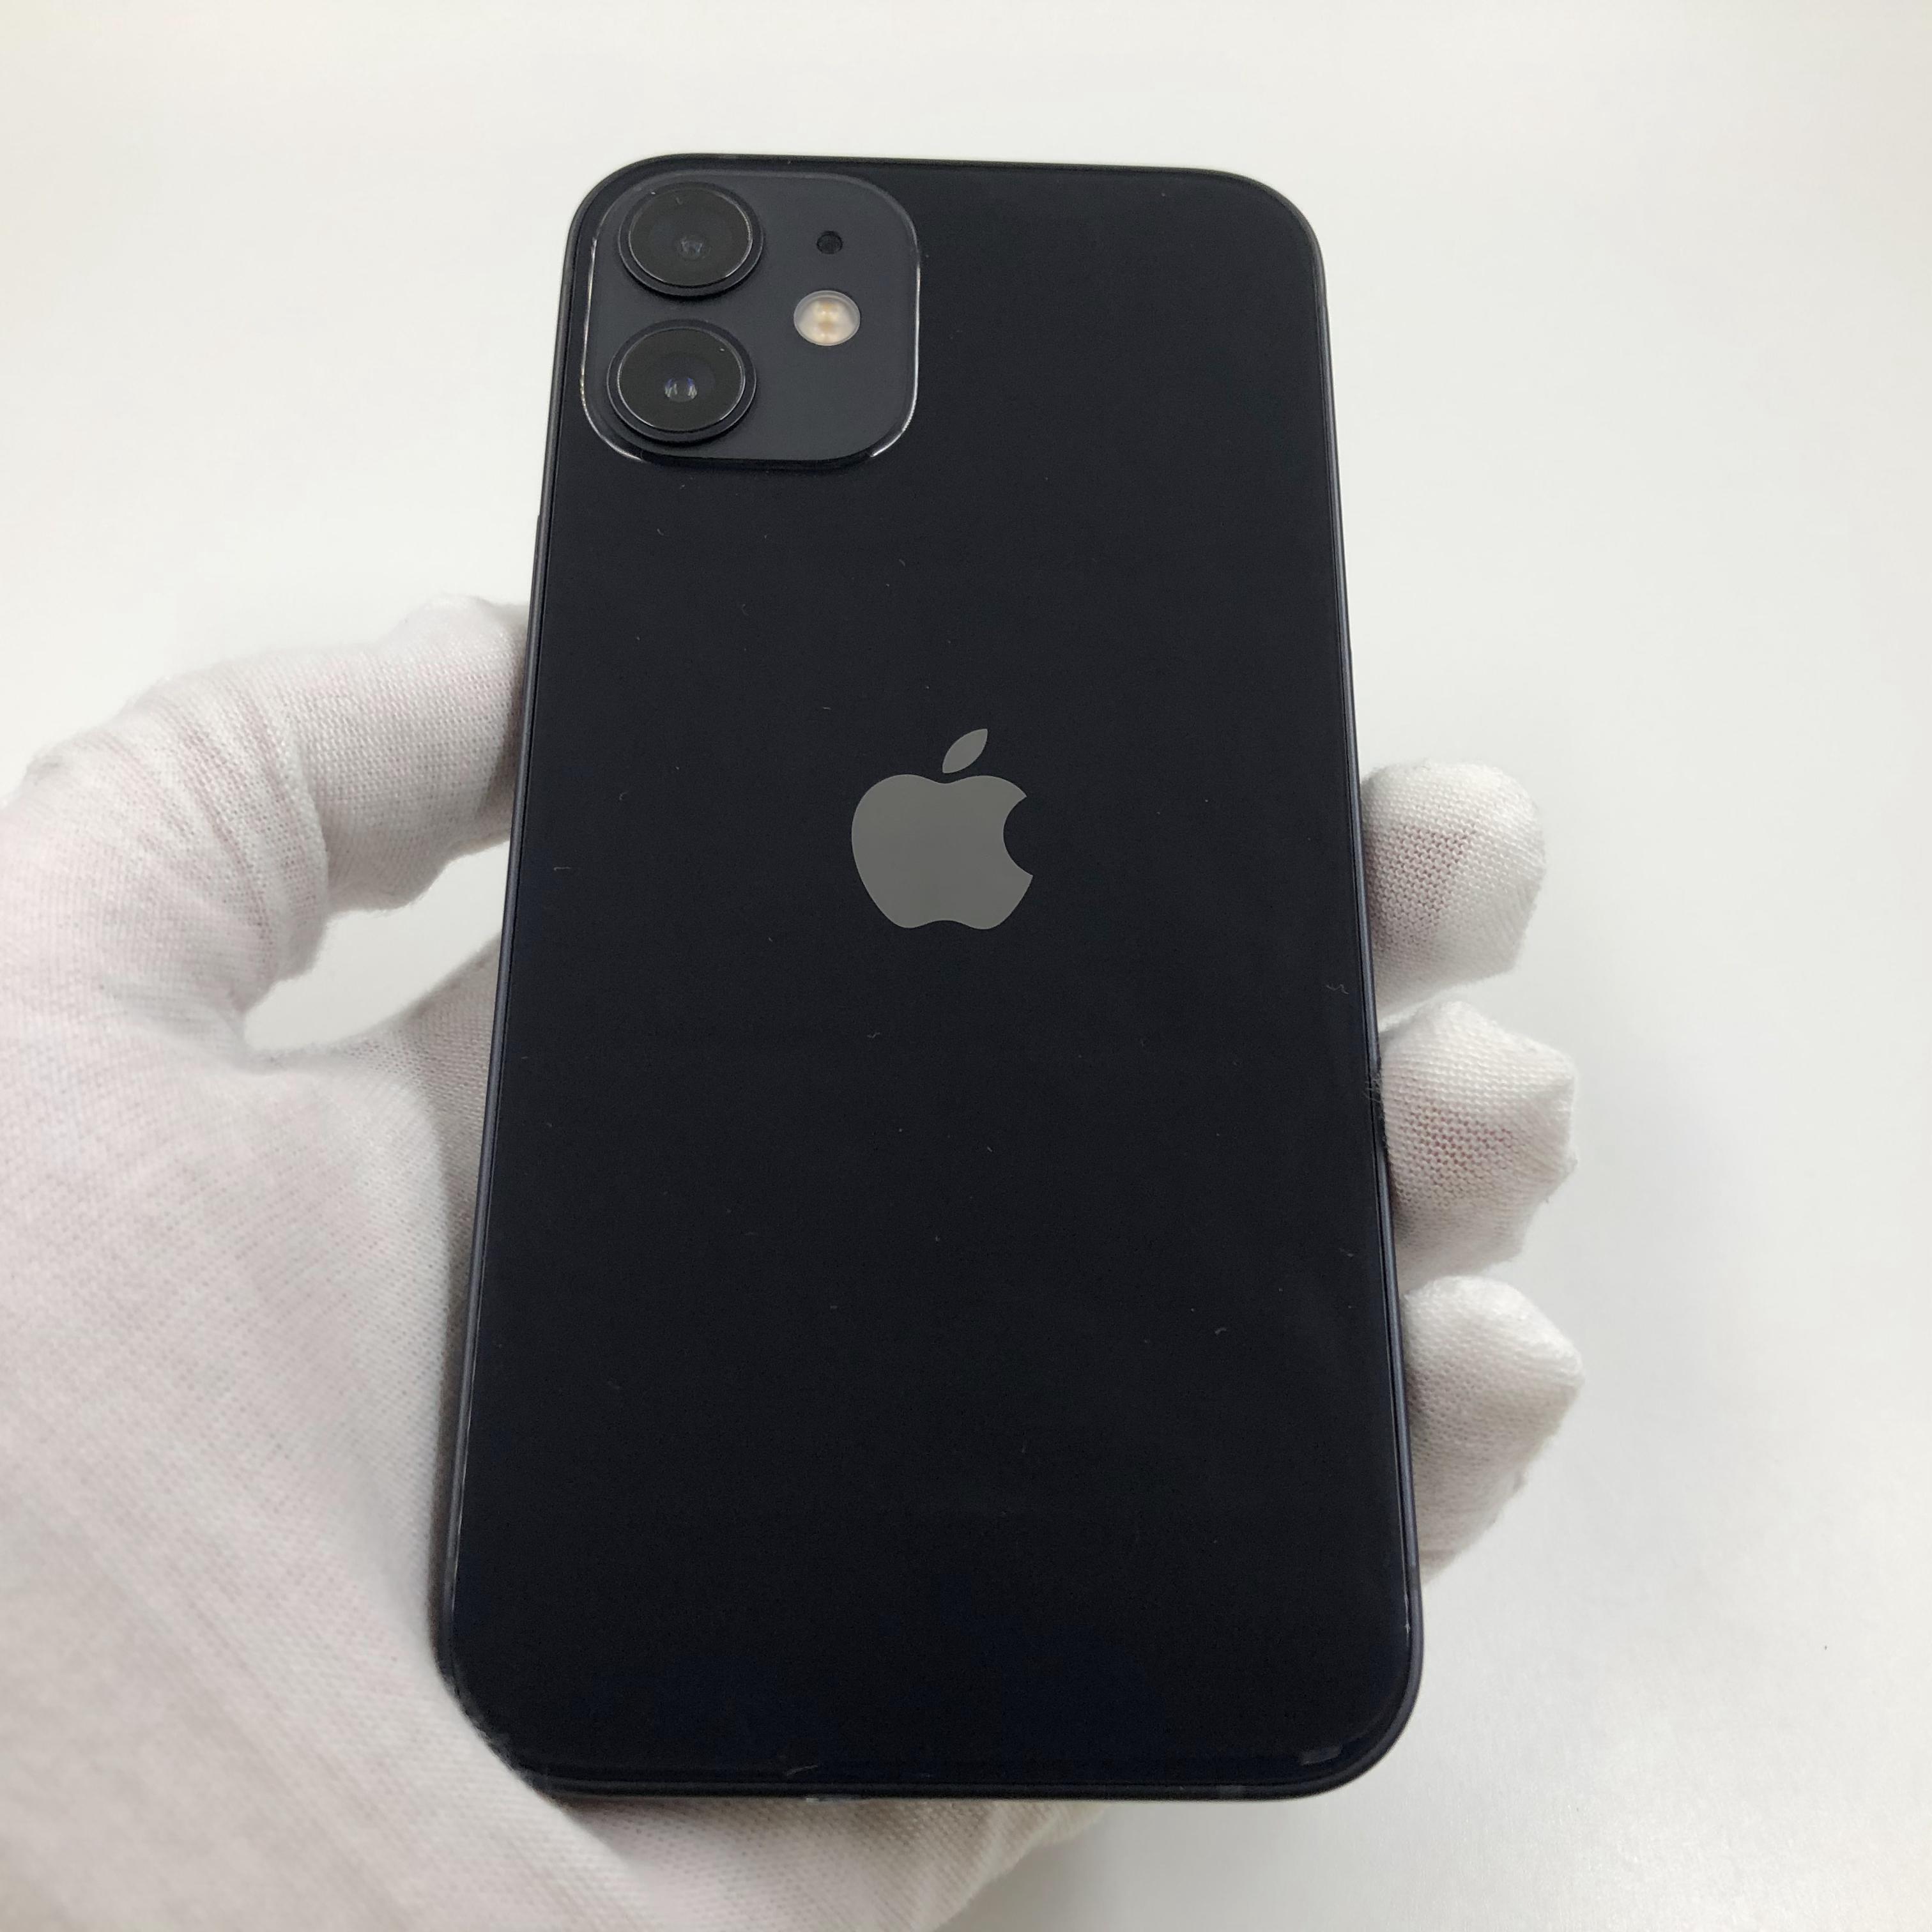 苹果【iPhone 12 mini】5G全网通 黑色 128G 国行 9成新 真机实拍官保2022-01-01